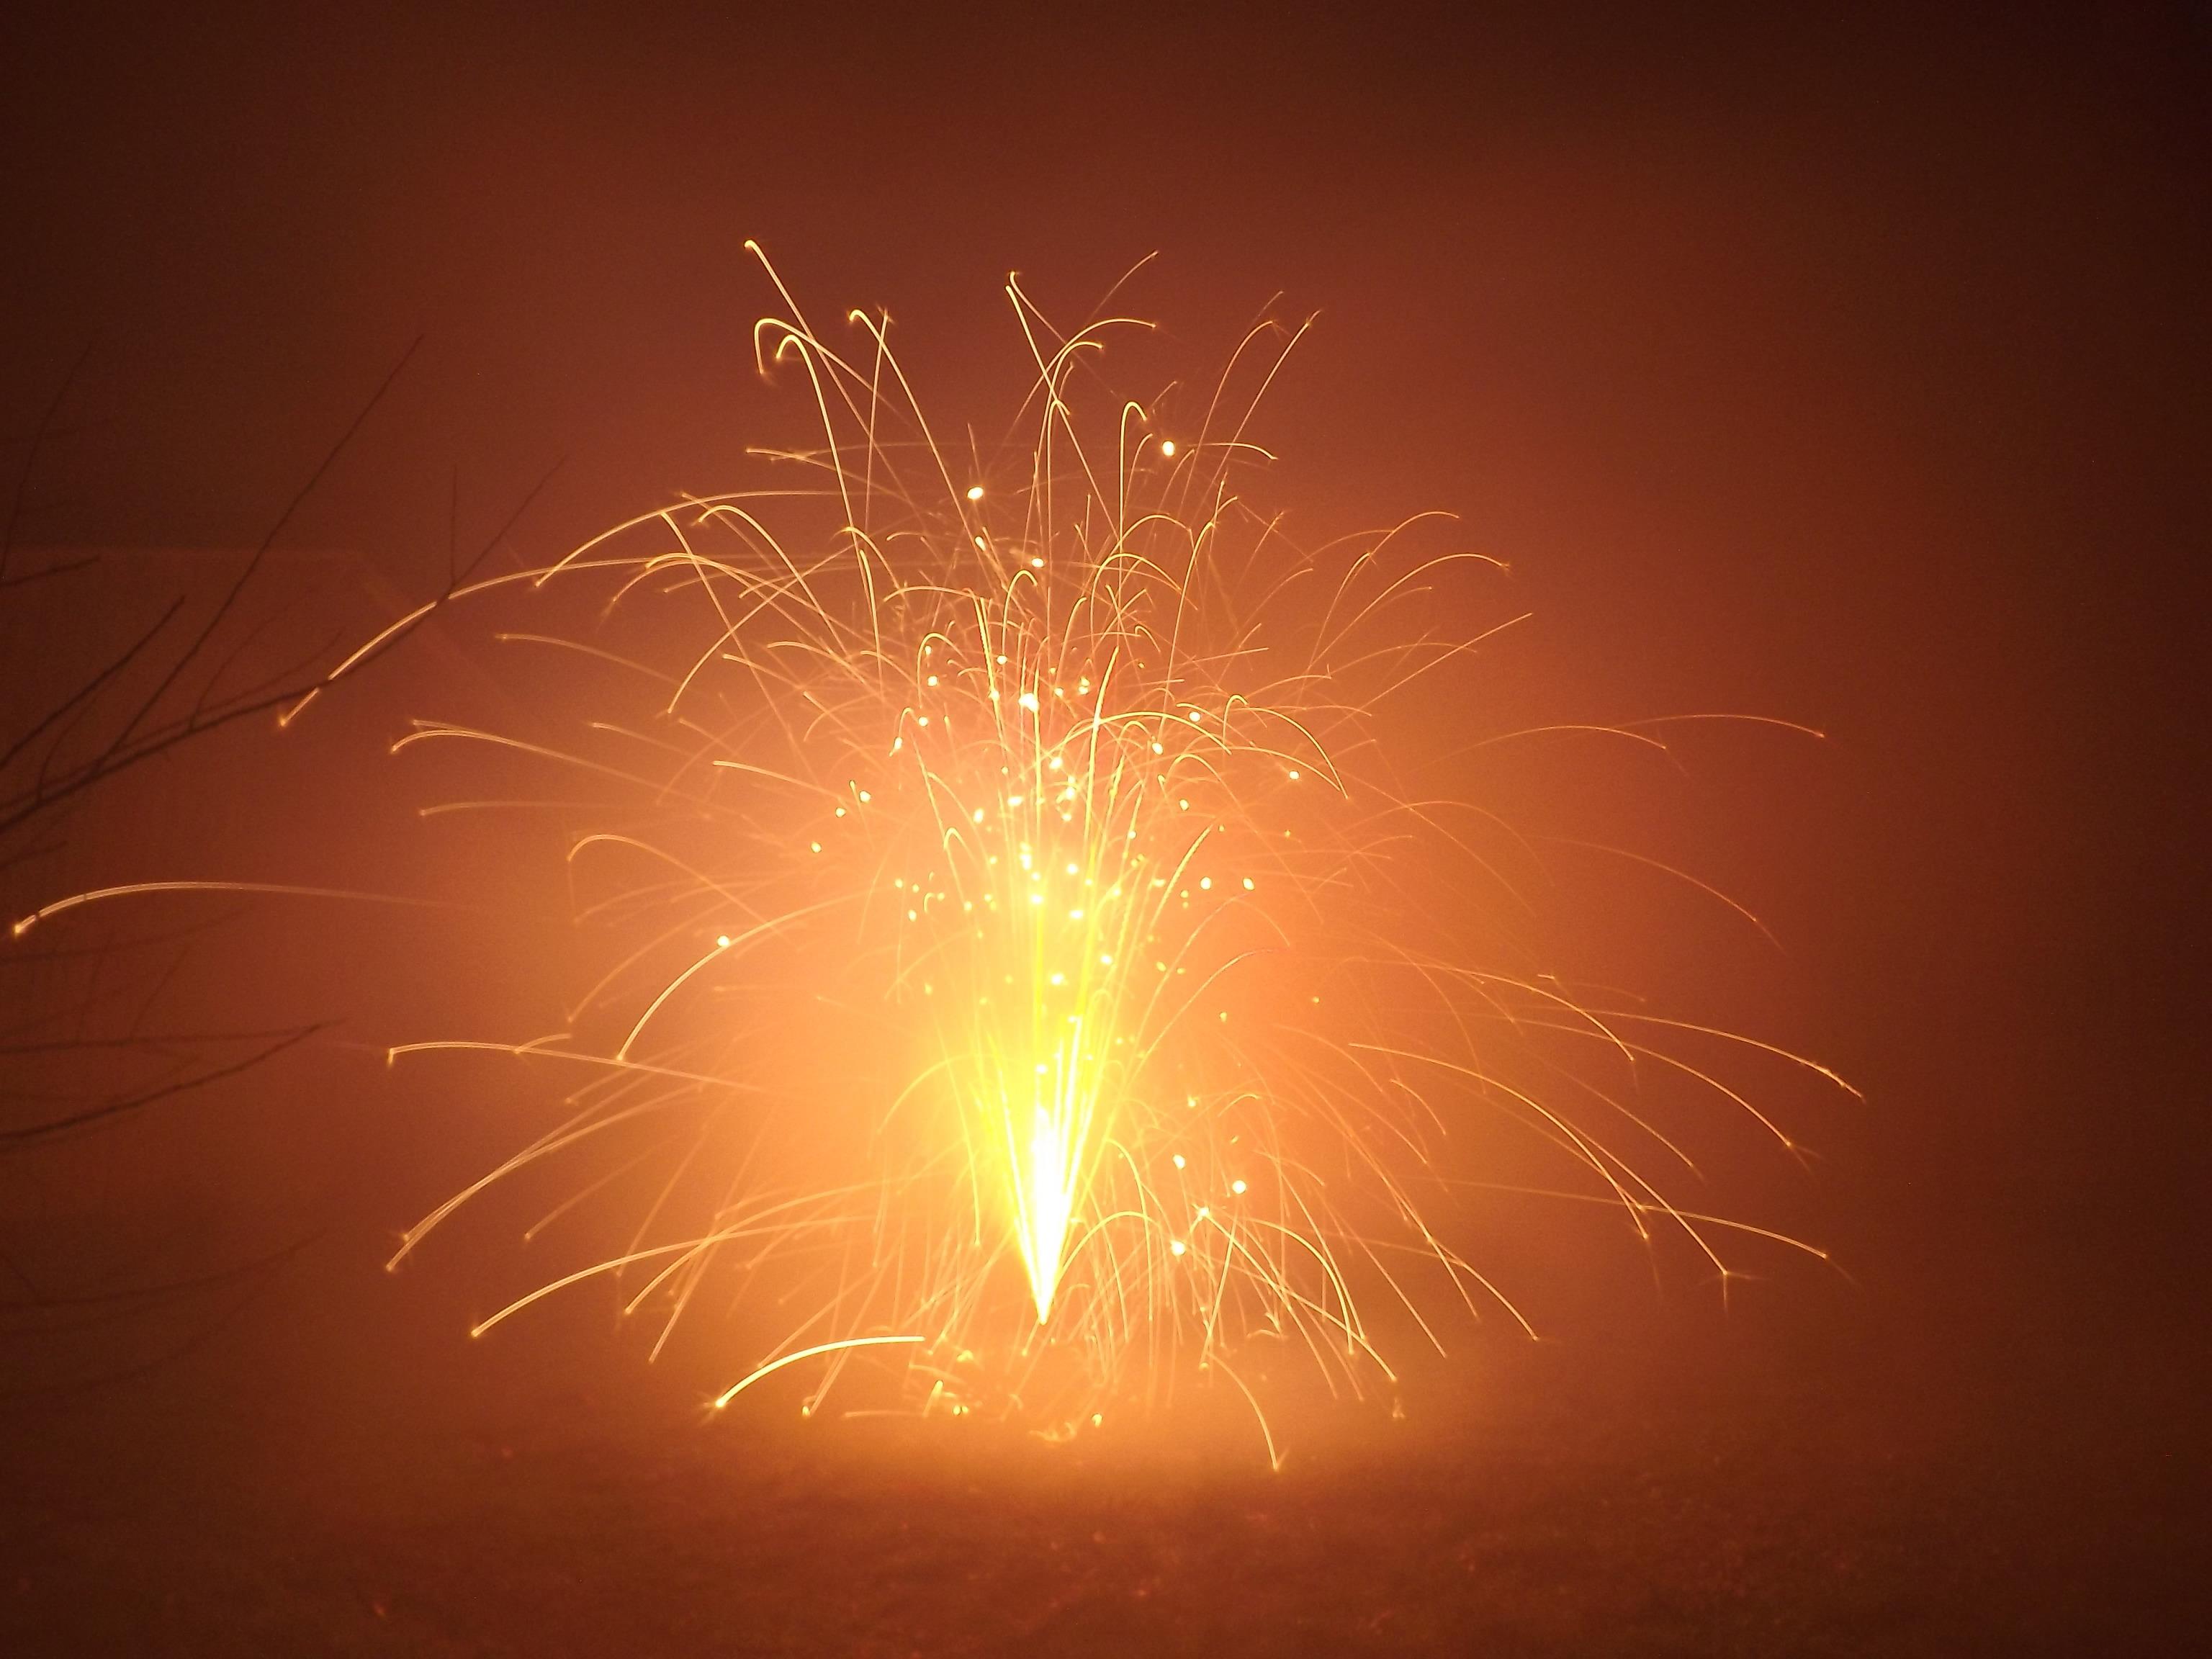 6750-feuerwerk-silvester-neujahr-glut-flammen